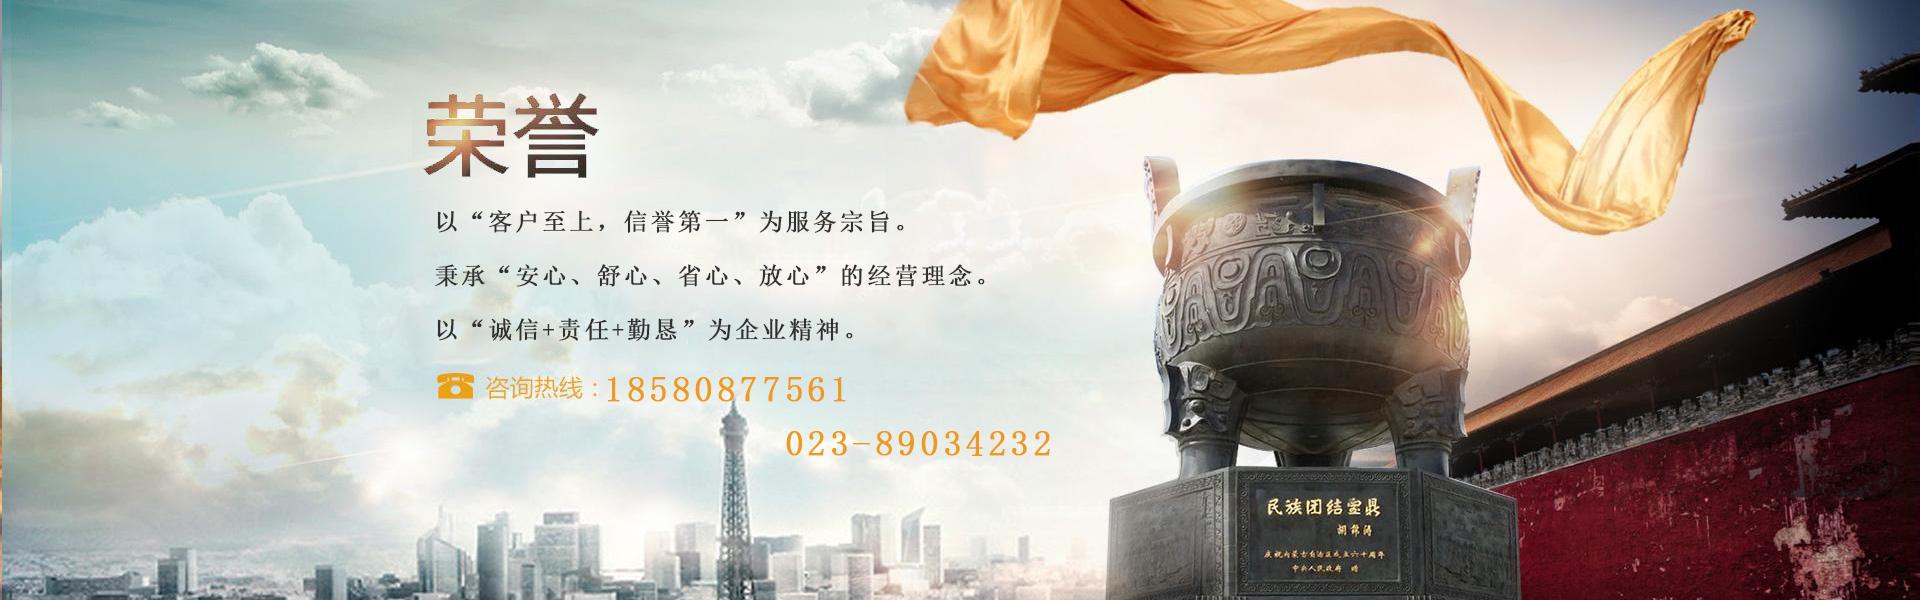 宝润环保工程开荒清洁品牌宗旨展示Banner